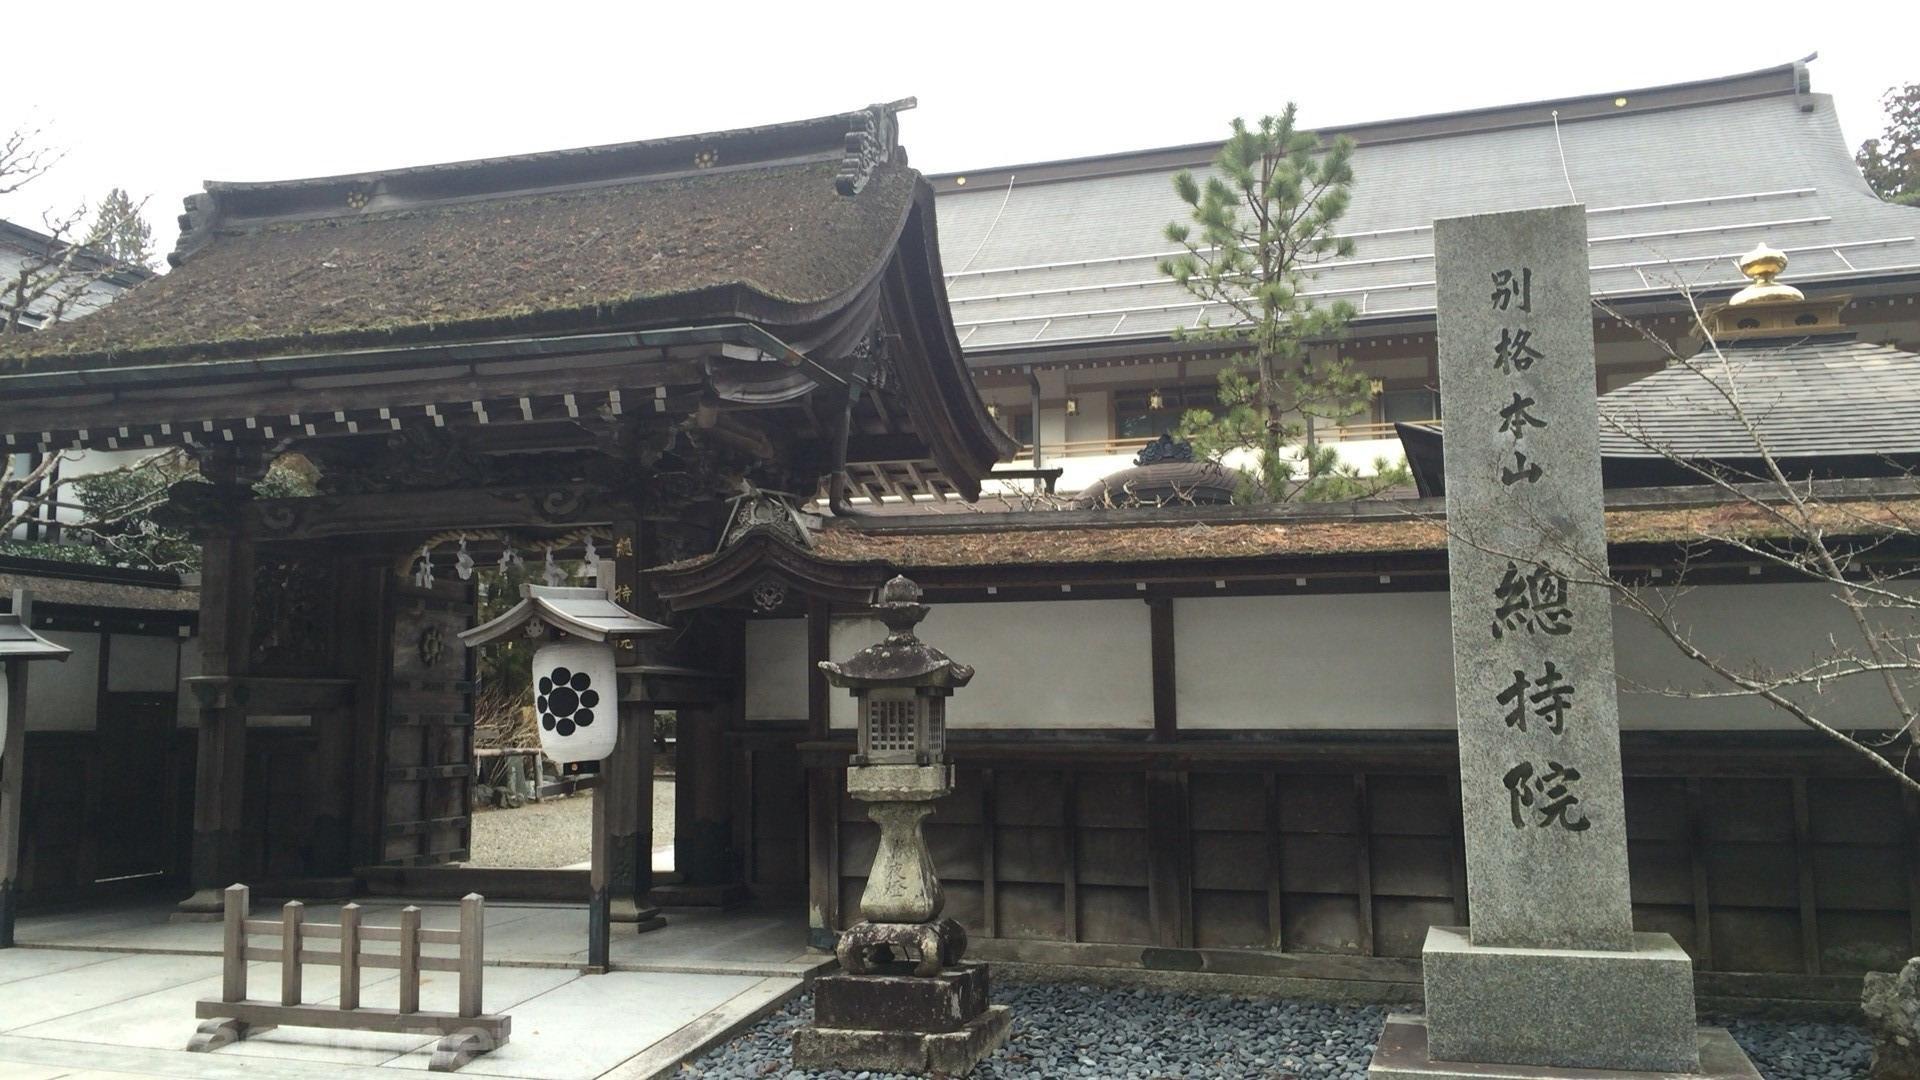 高野山の宿坊ガイド | 総持院の歴史と魅力